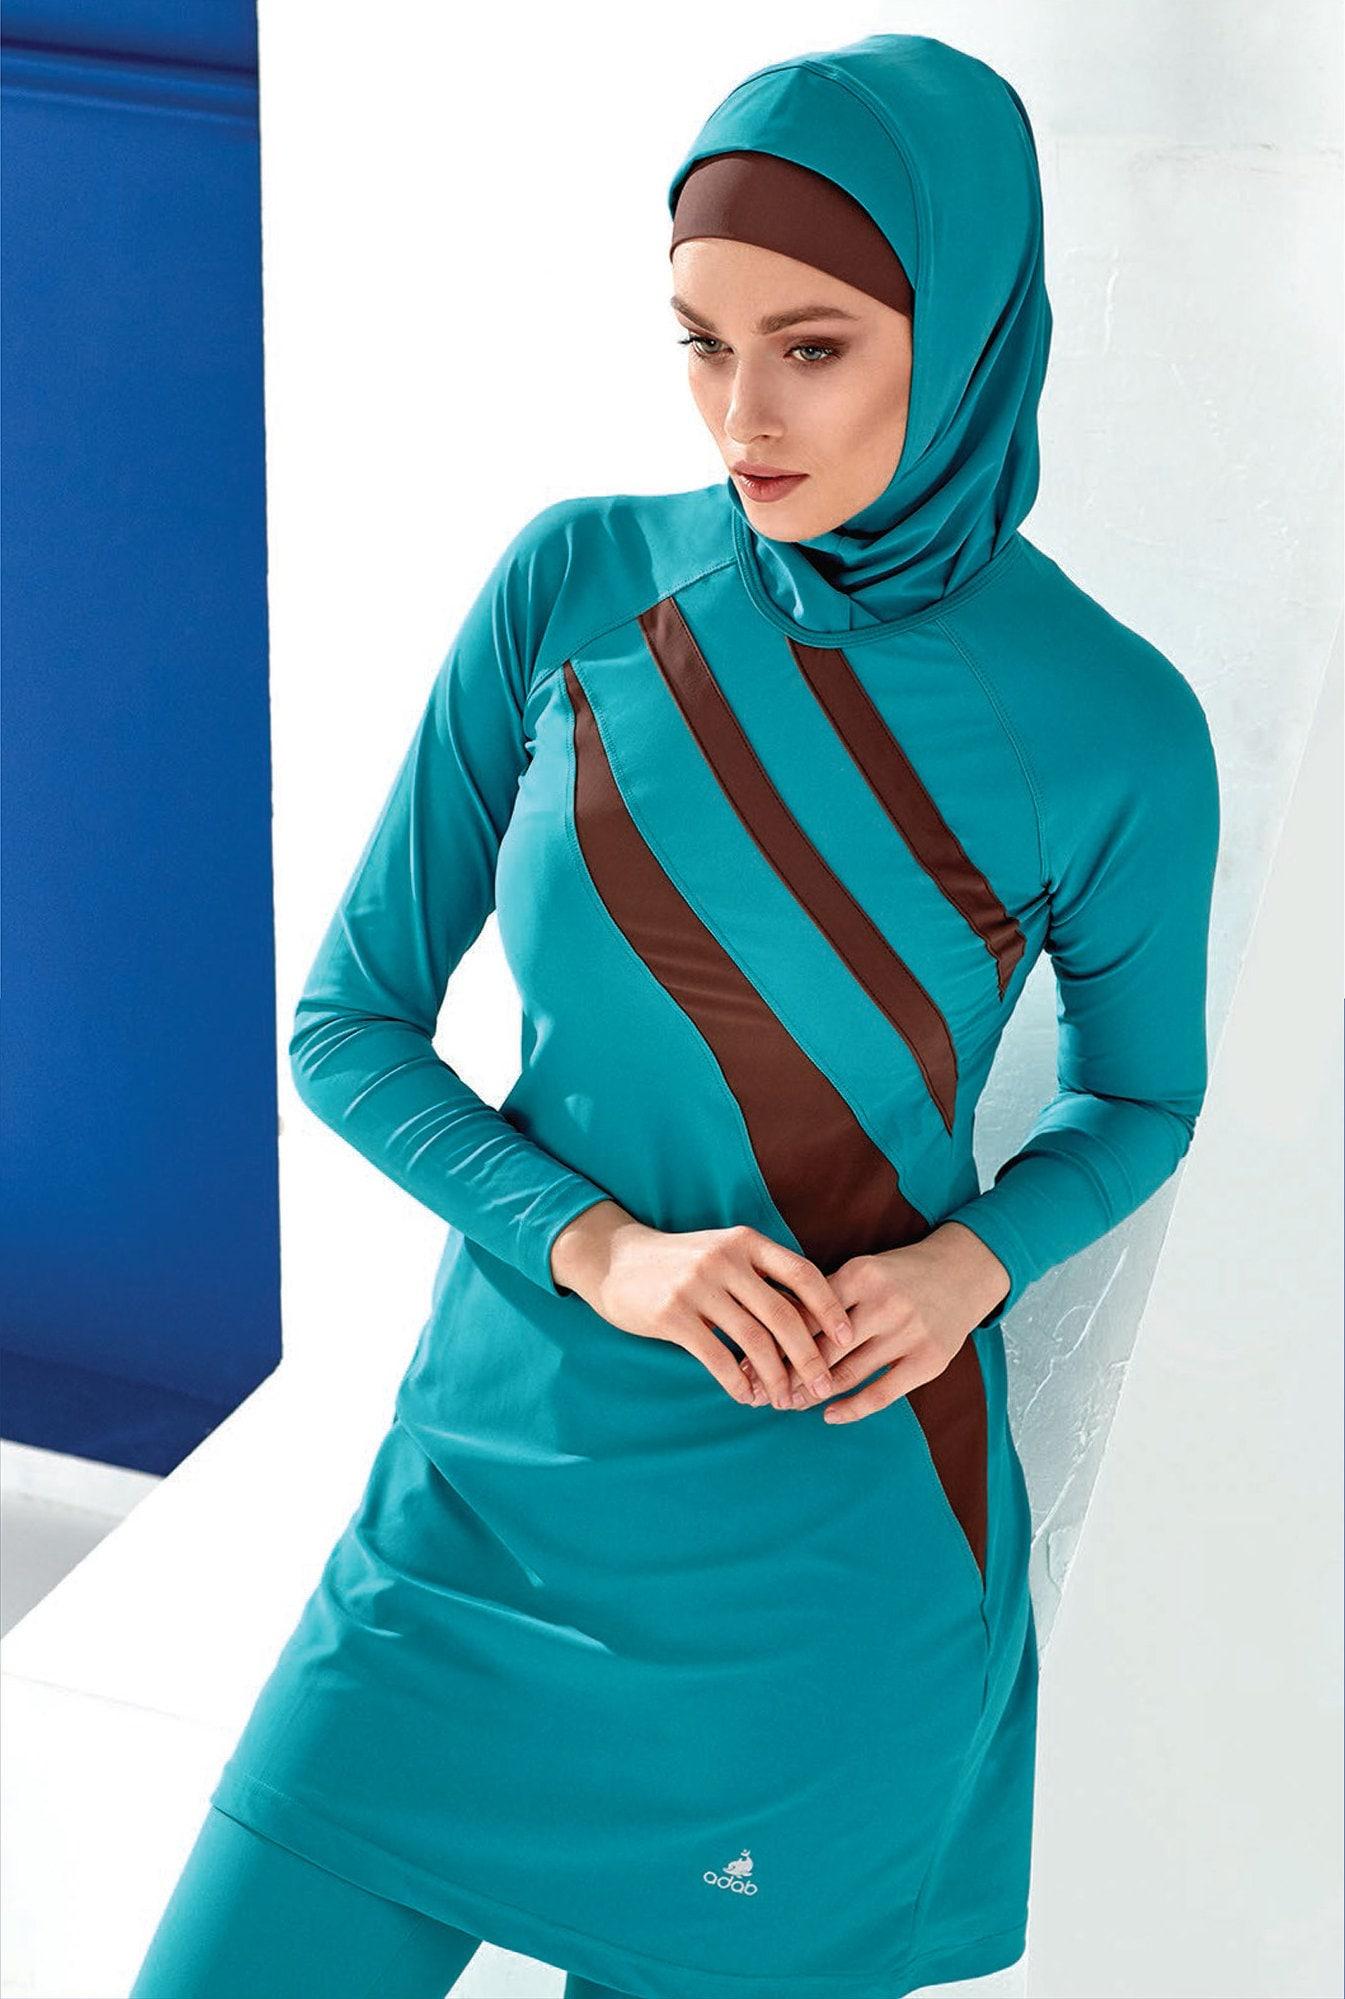 3f3f91ba12c4c Adabkini Gozde Muslim Swimsuit Islamic Full Cover Modest Swimwear Beachwear  burkini, Green